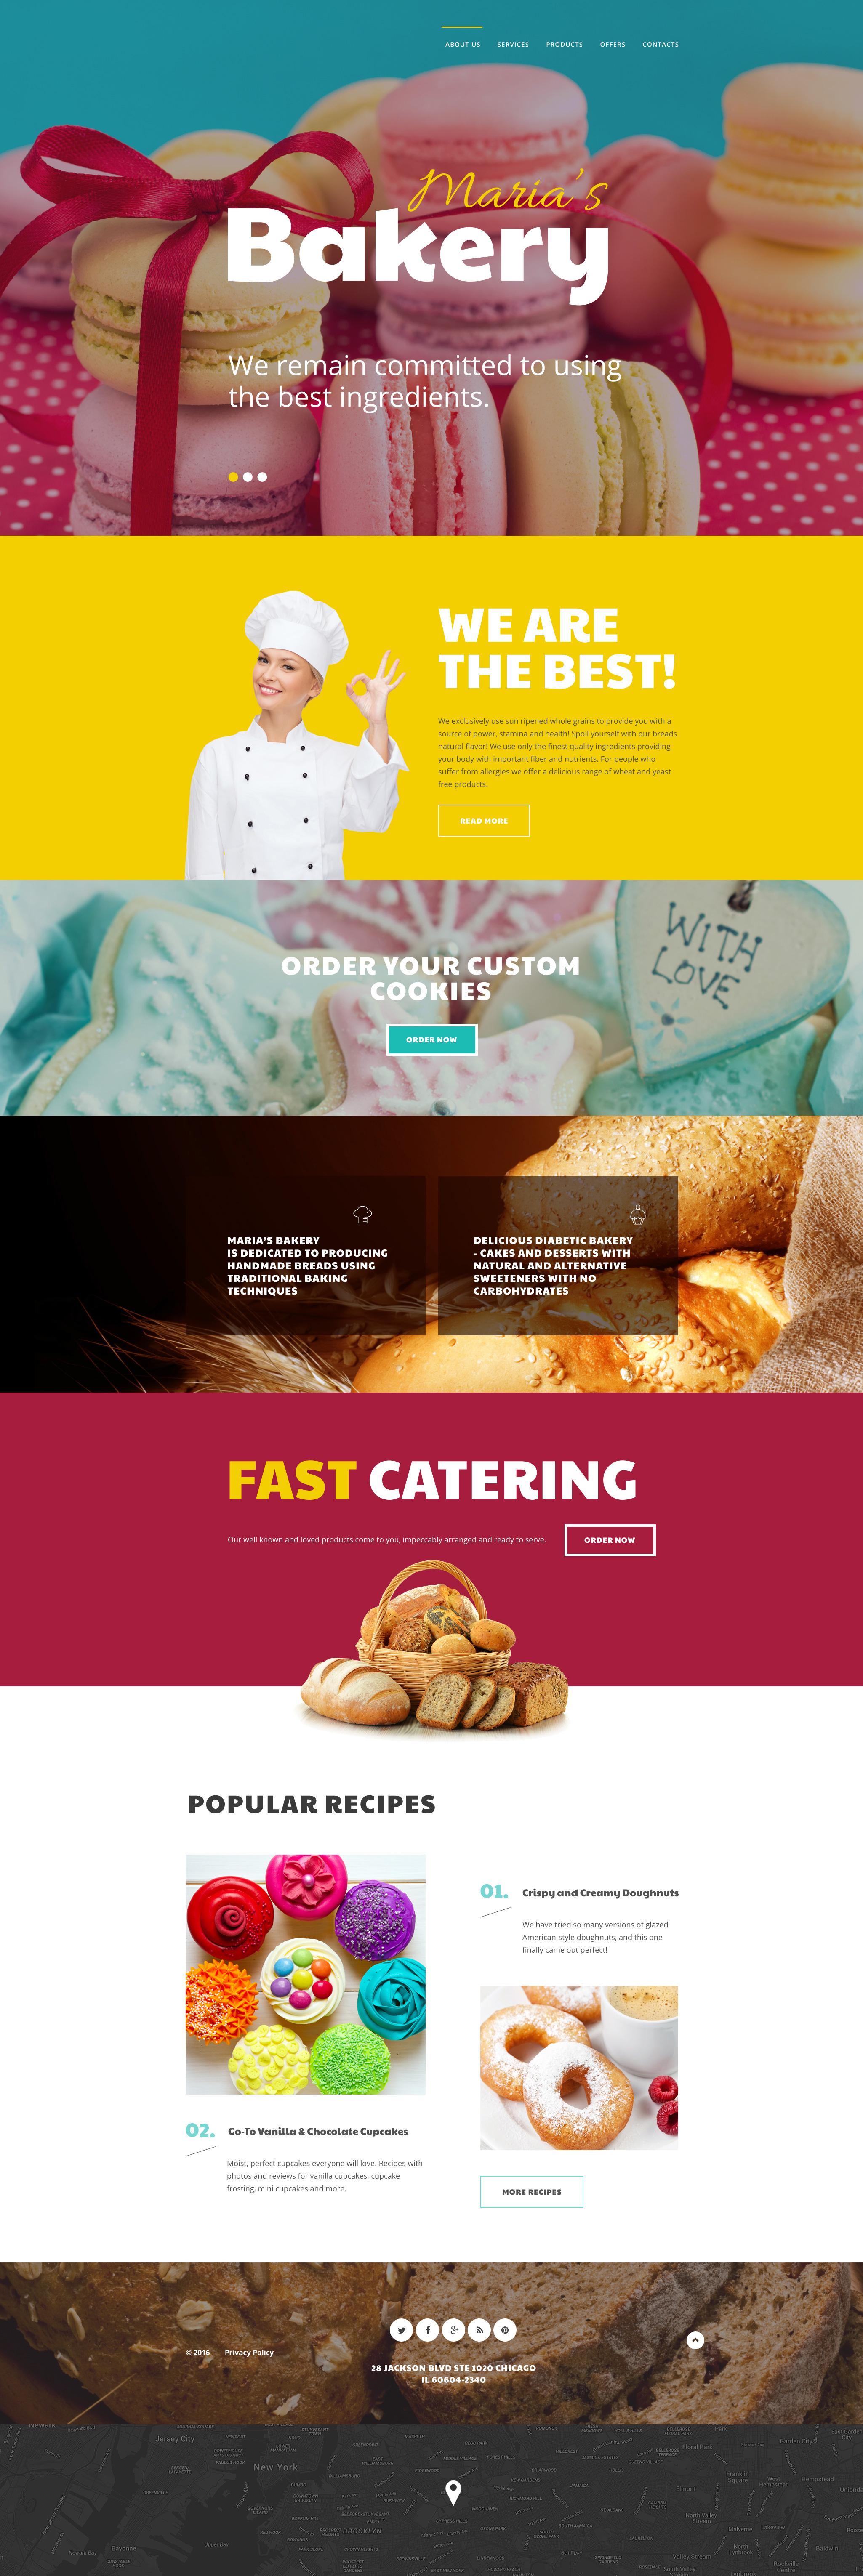 Responsywny szablon strony www Maria's Bakery #58701 - zrzut ekranu